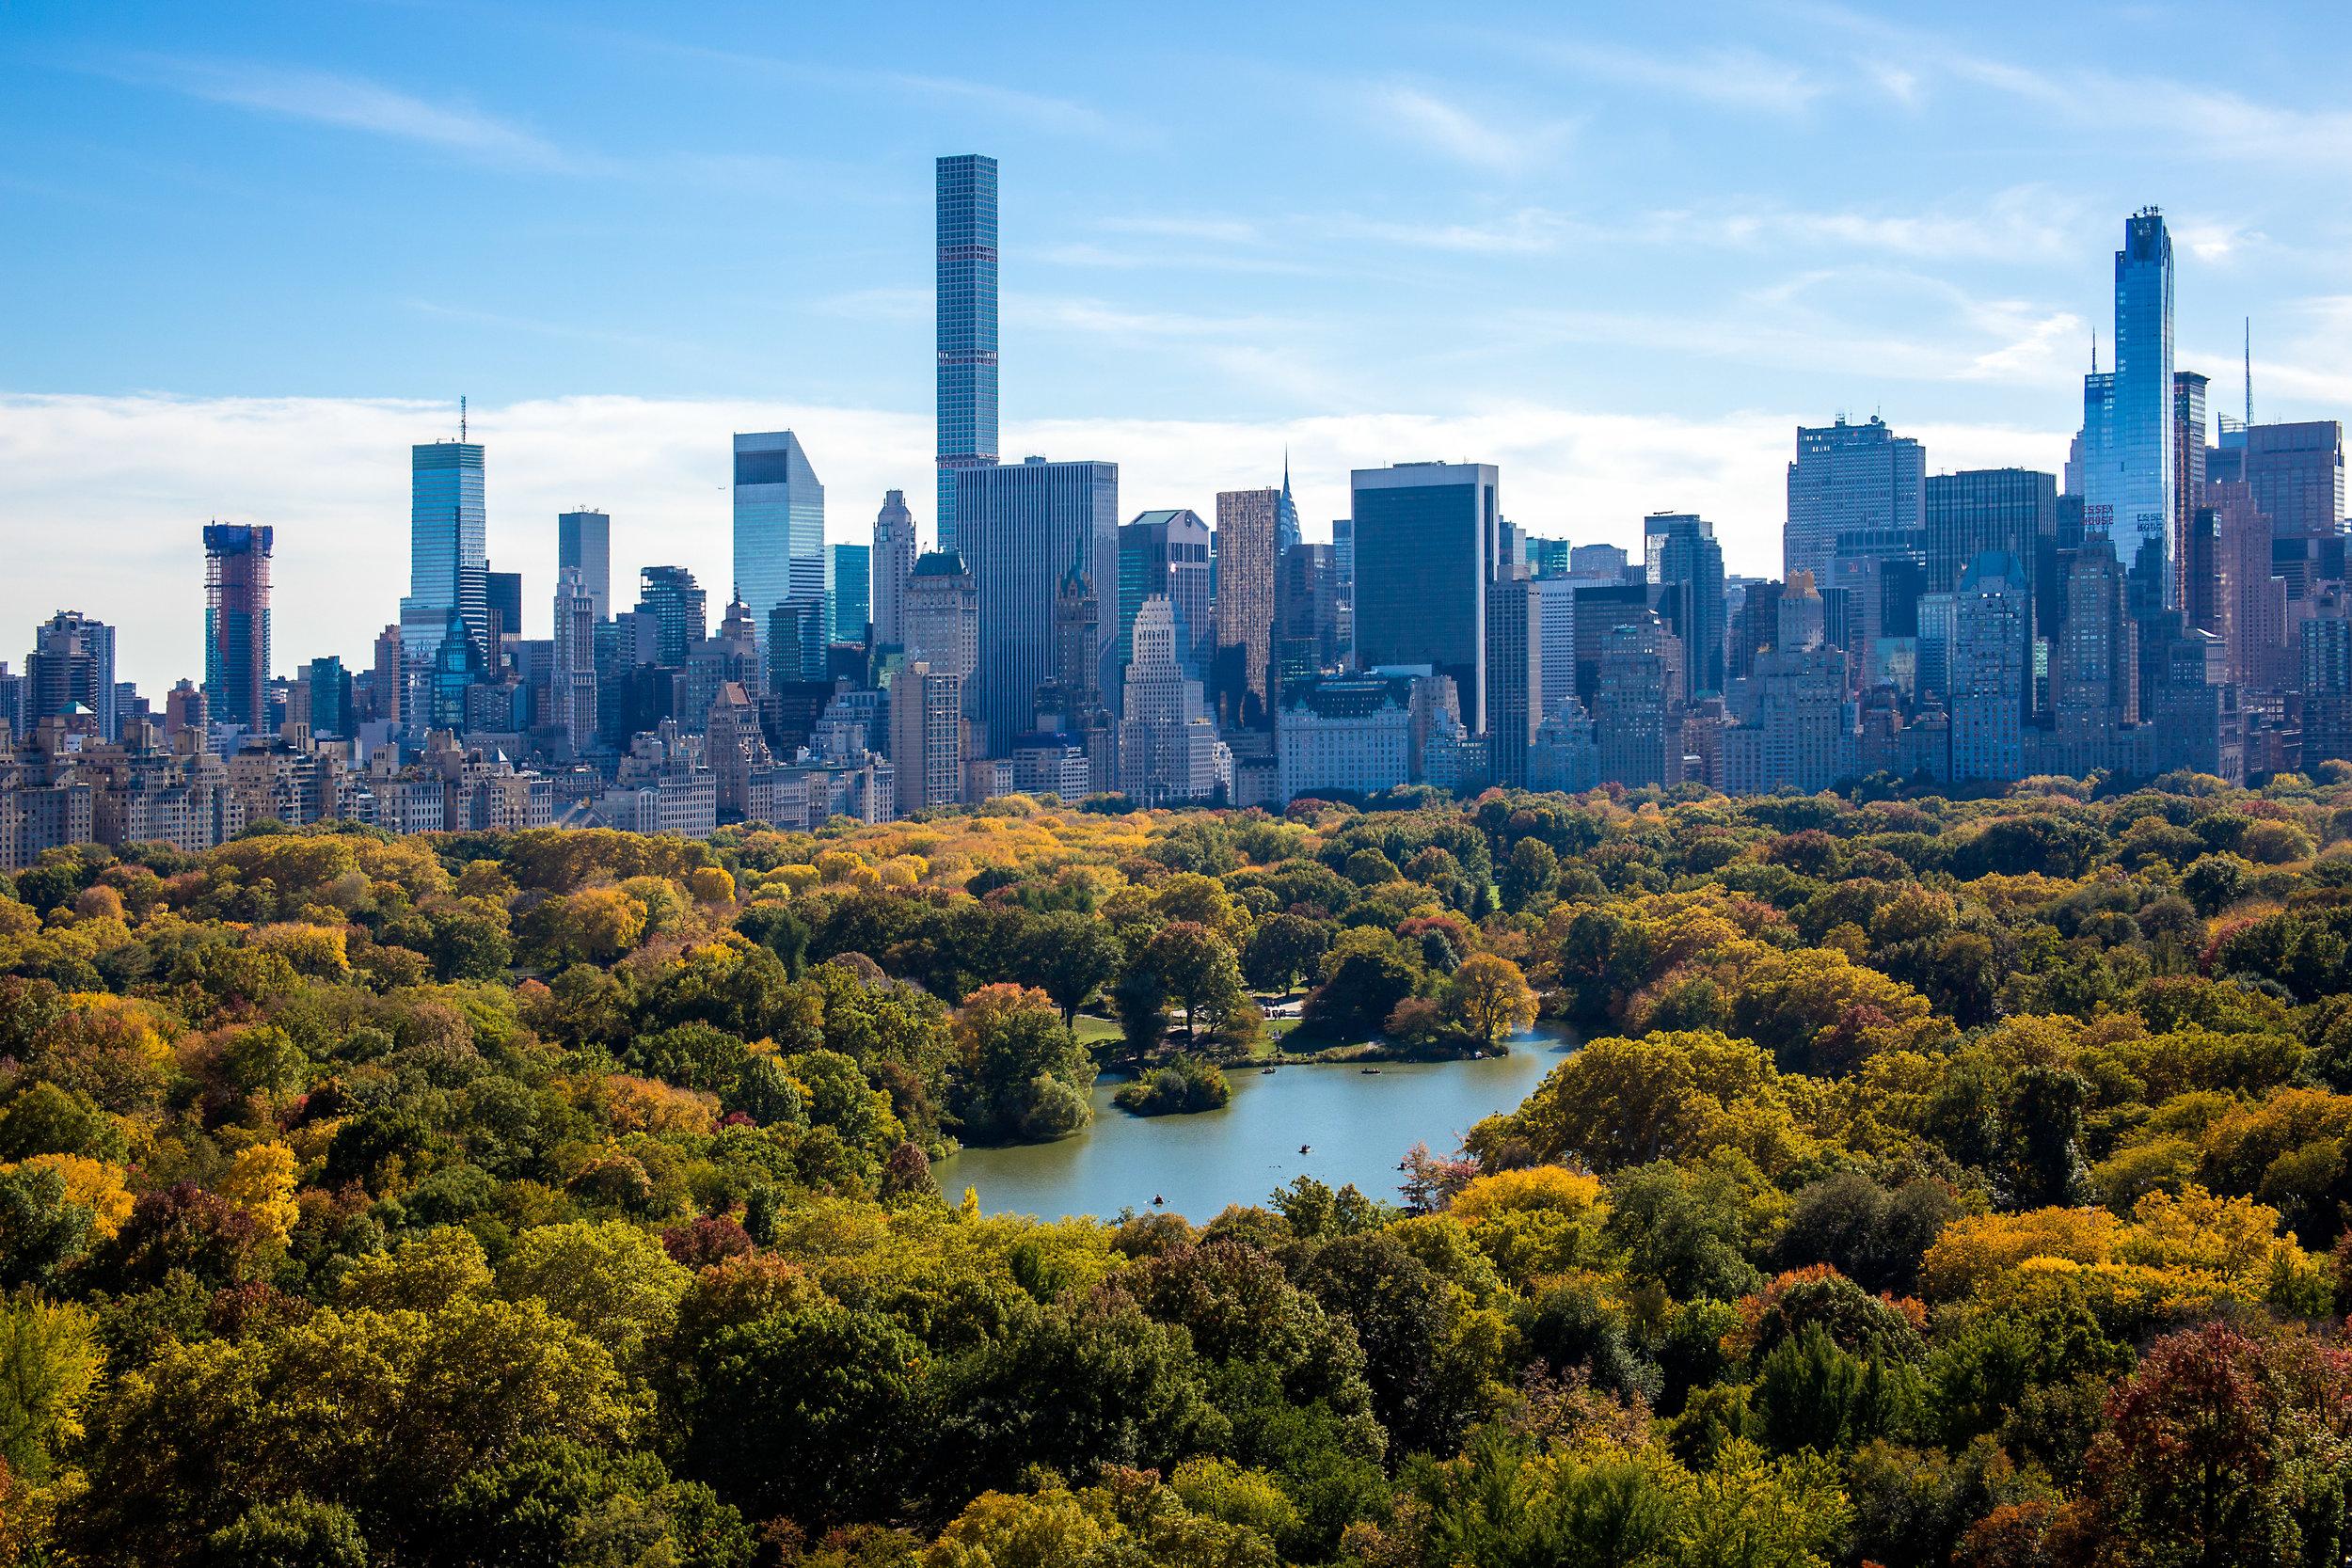 LSNY_Central_Park_Views-3.jpg